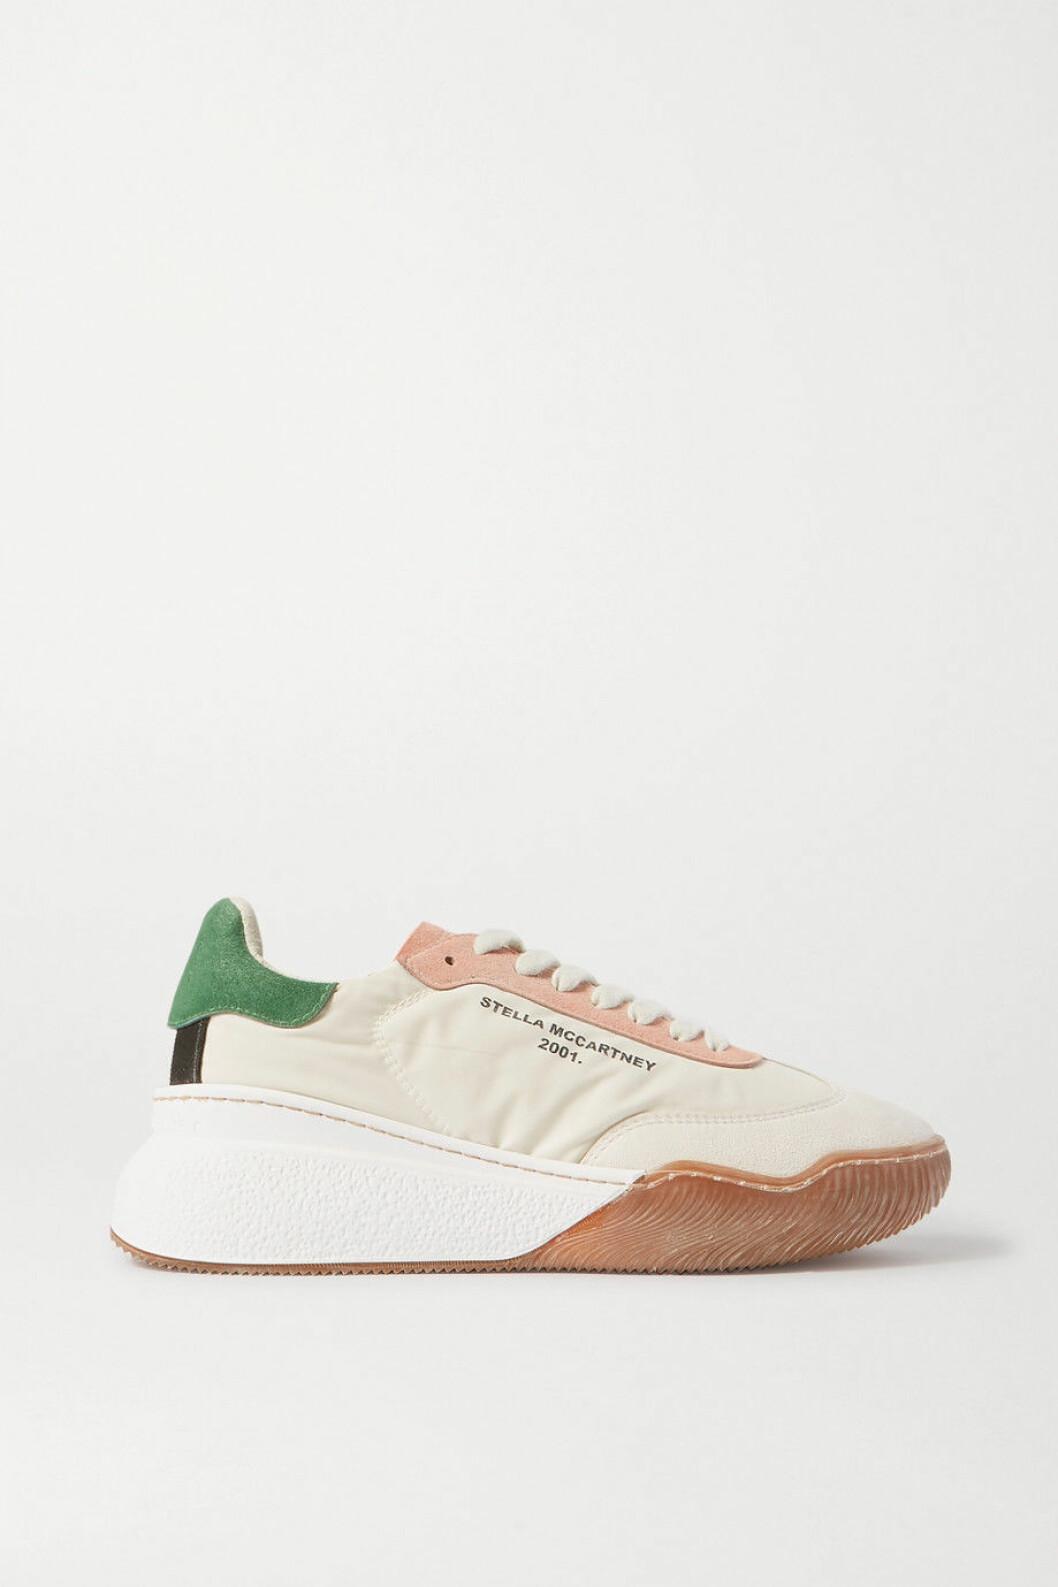 Vår-snygga sneakers från Stella McCartney.